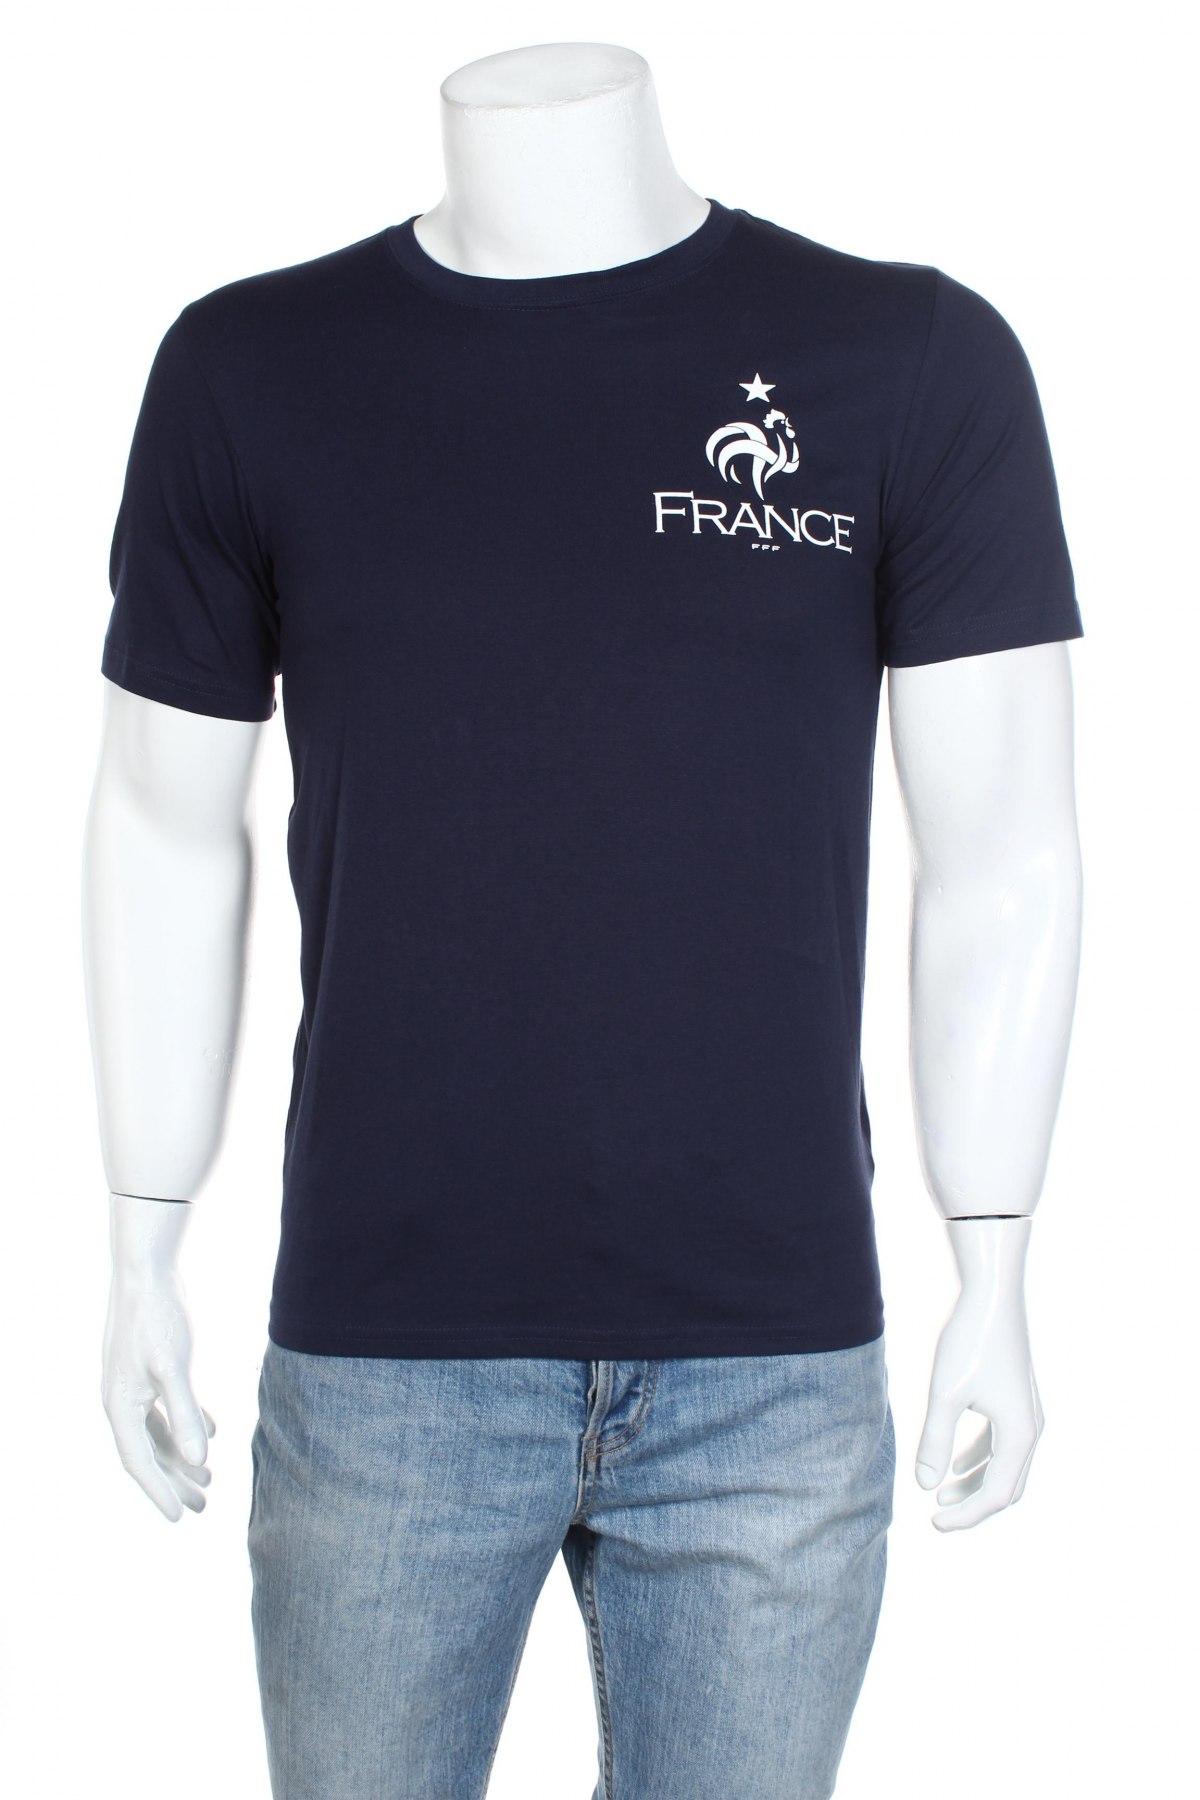 Мъжка тениска FFF France, Размер S, Цвят Син, Памук, Цена 11,70лв.